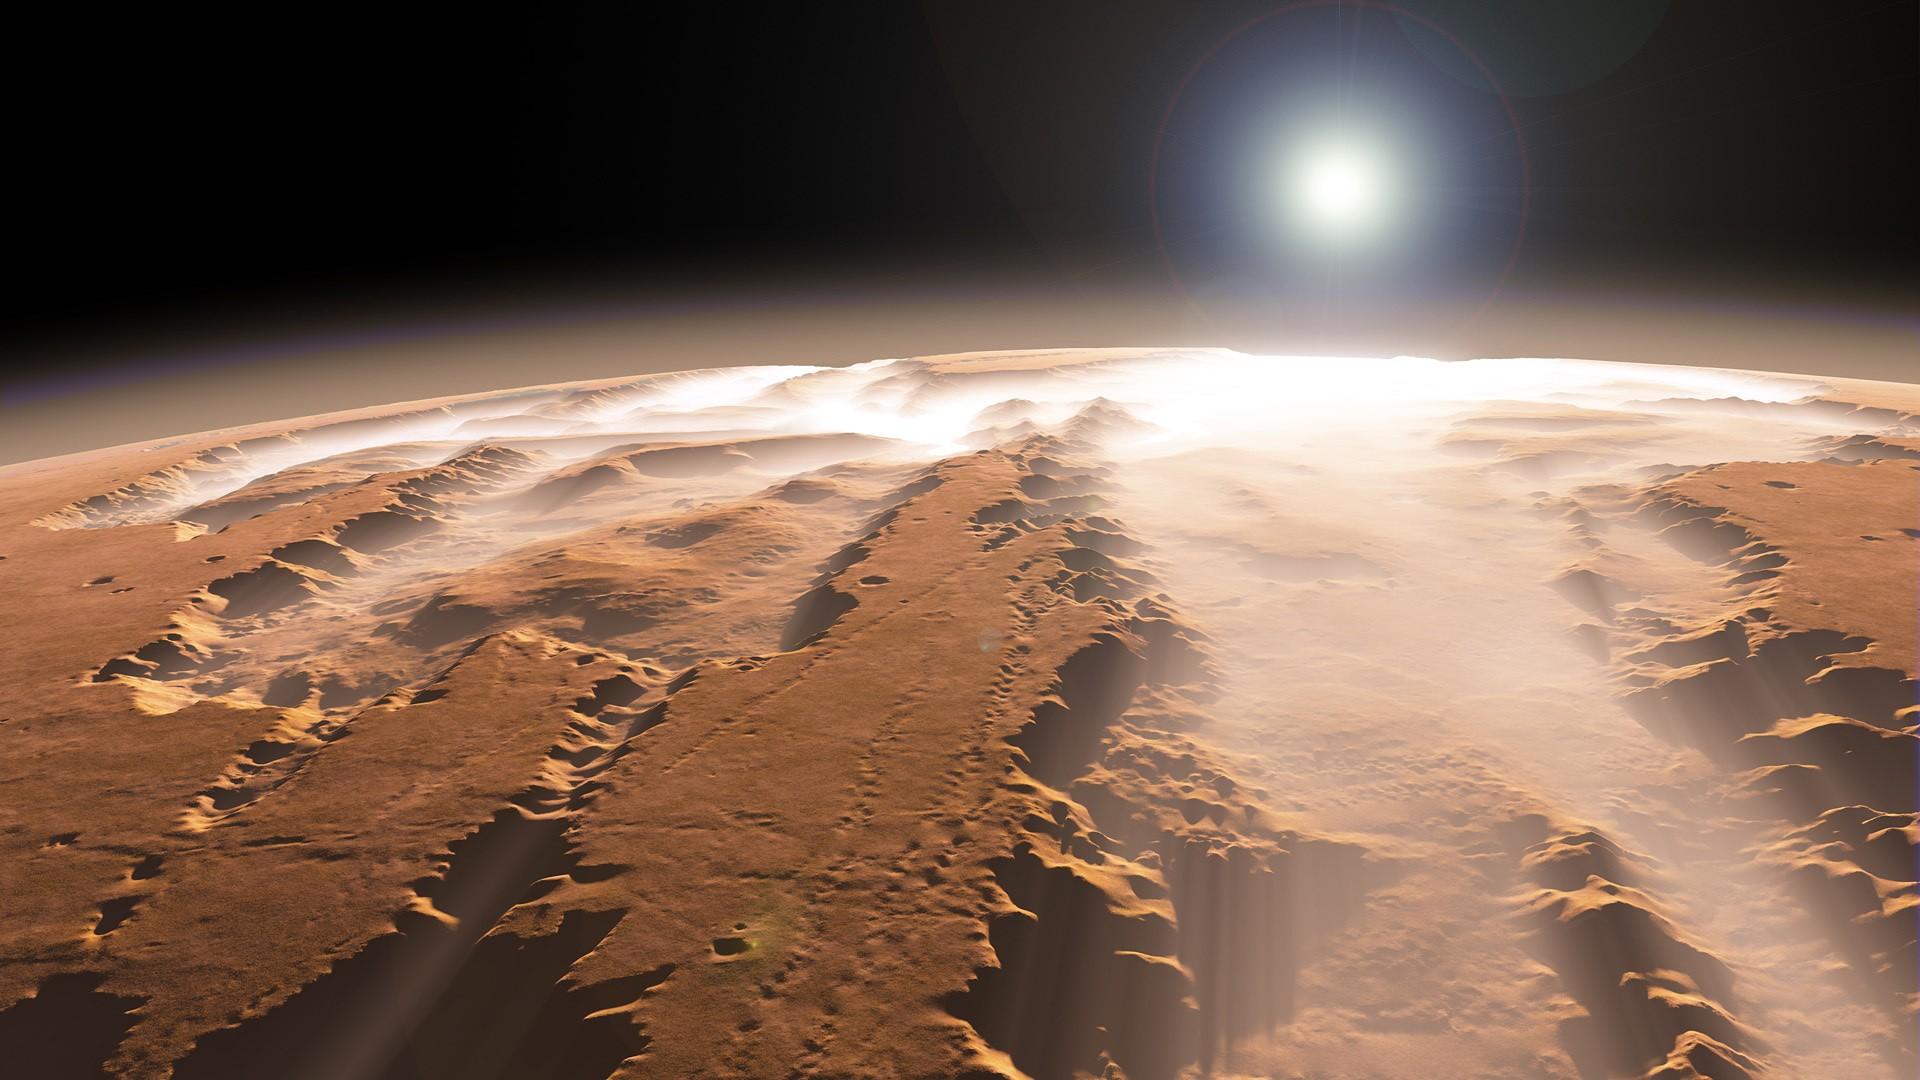 На Марсе под толстым слоем пыли нашли ледники